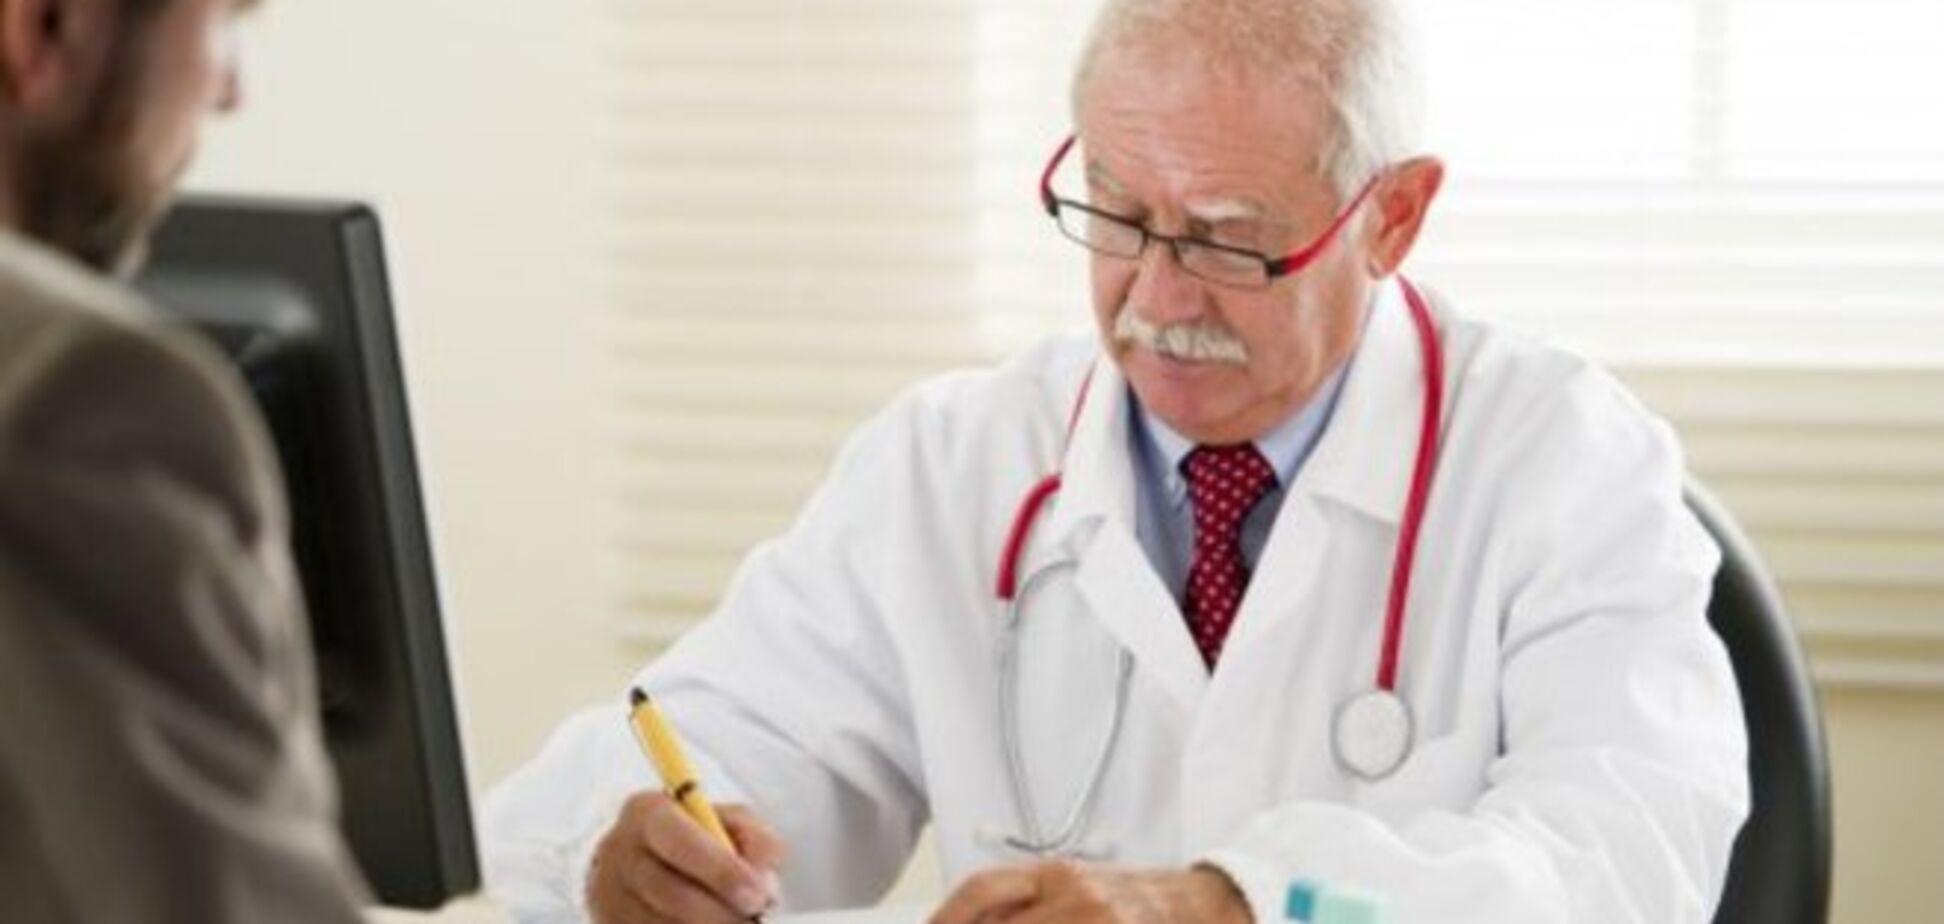 Половина пациентов не понимает своих врачей